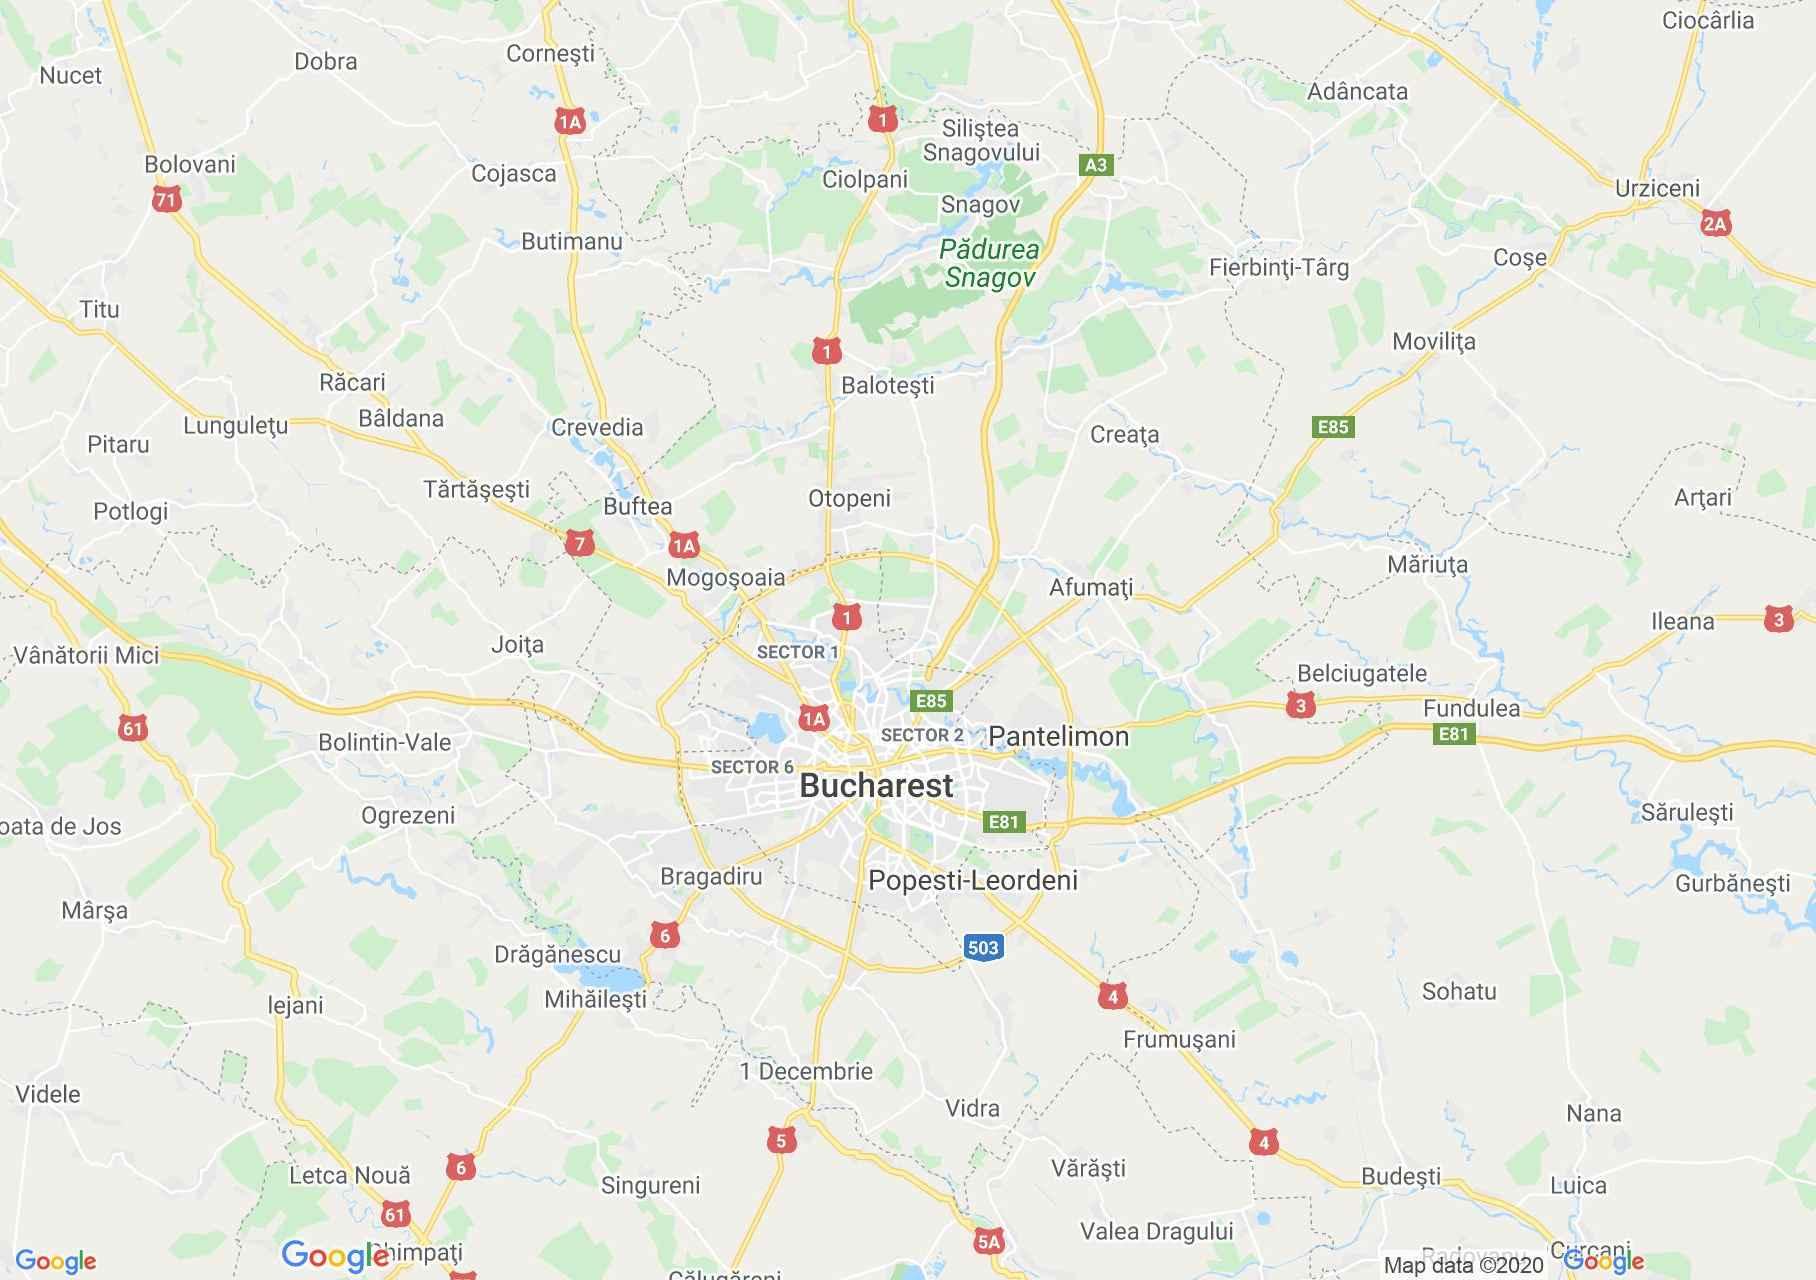 Judeţul Ilfov: (București), Harta turistică interactivă